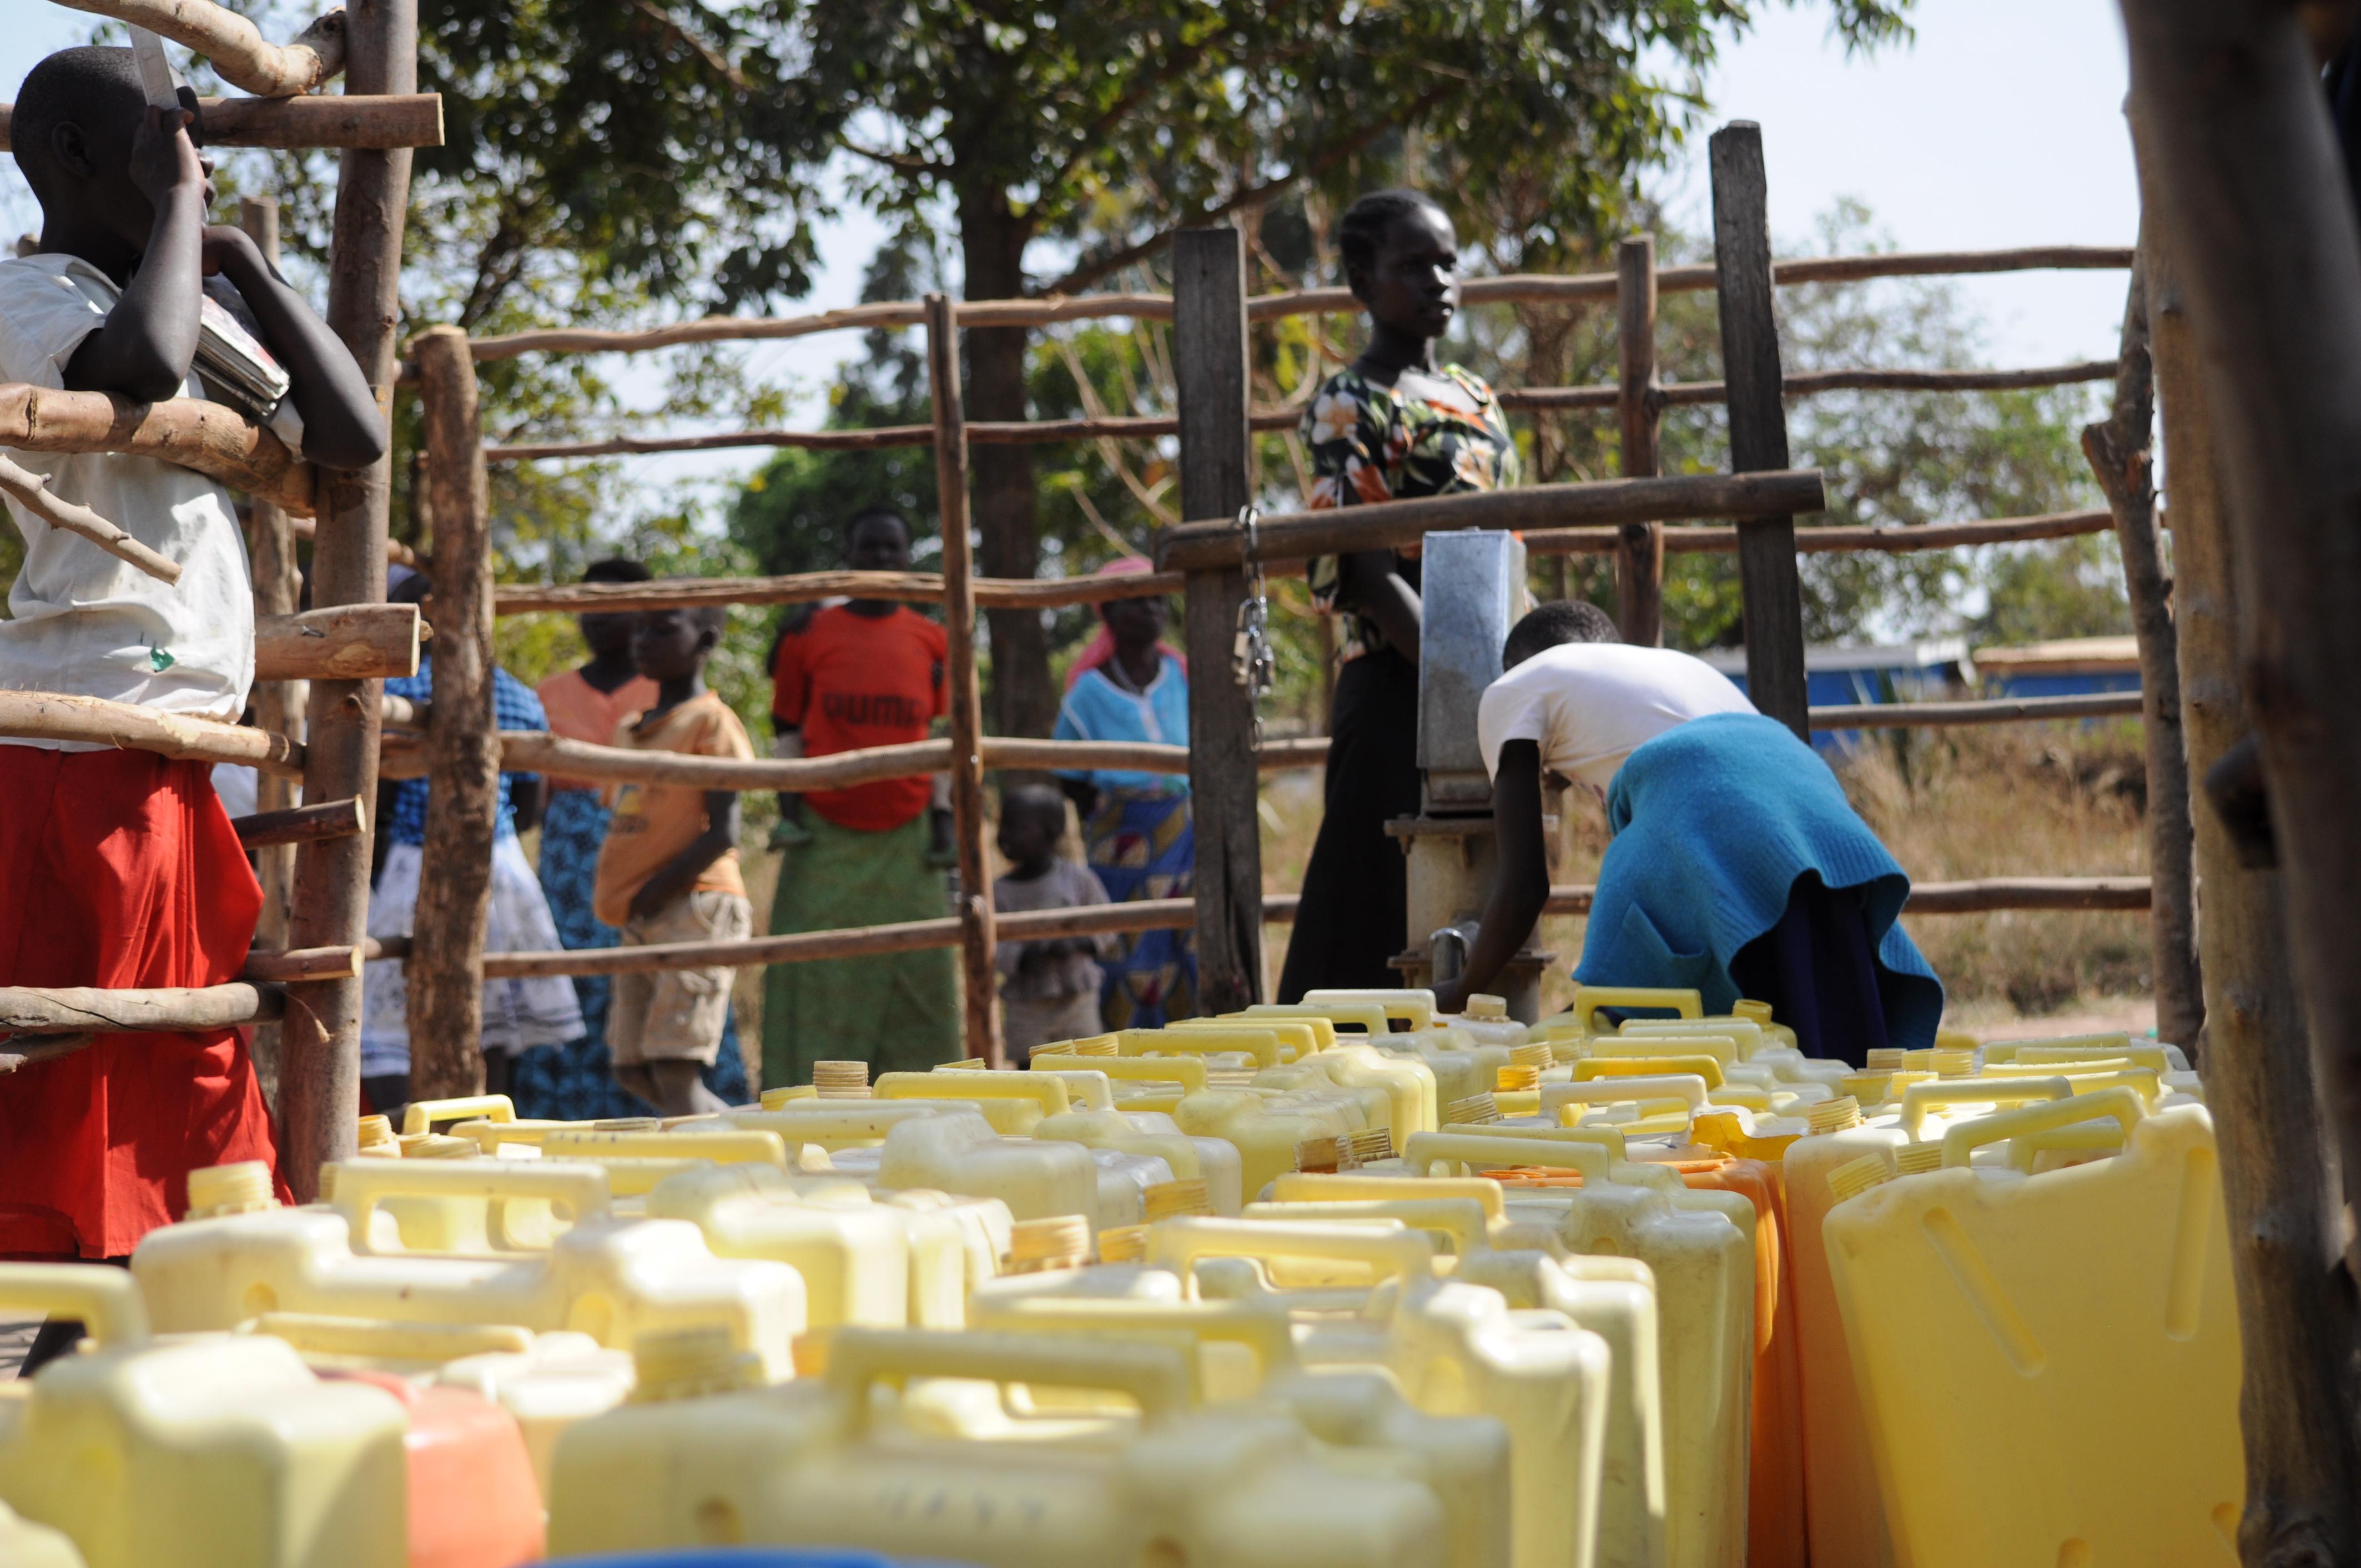 Accesso all'acqua: une rete per rifugiati e comunità ospitanti